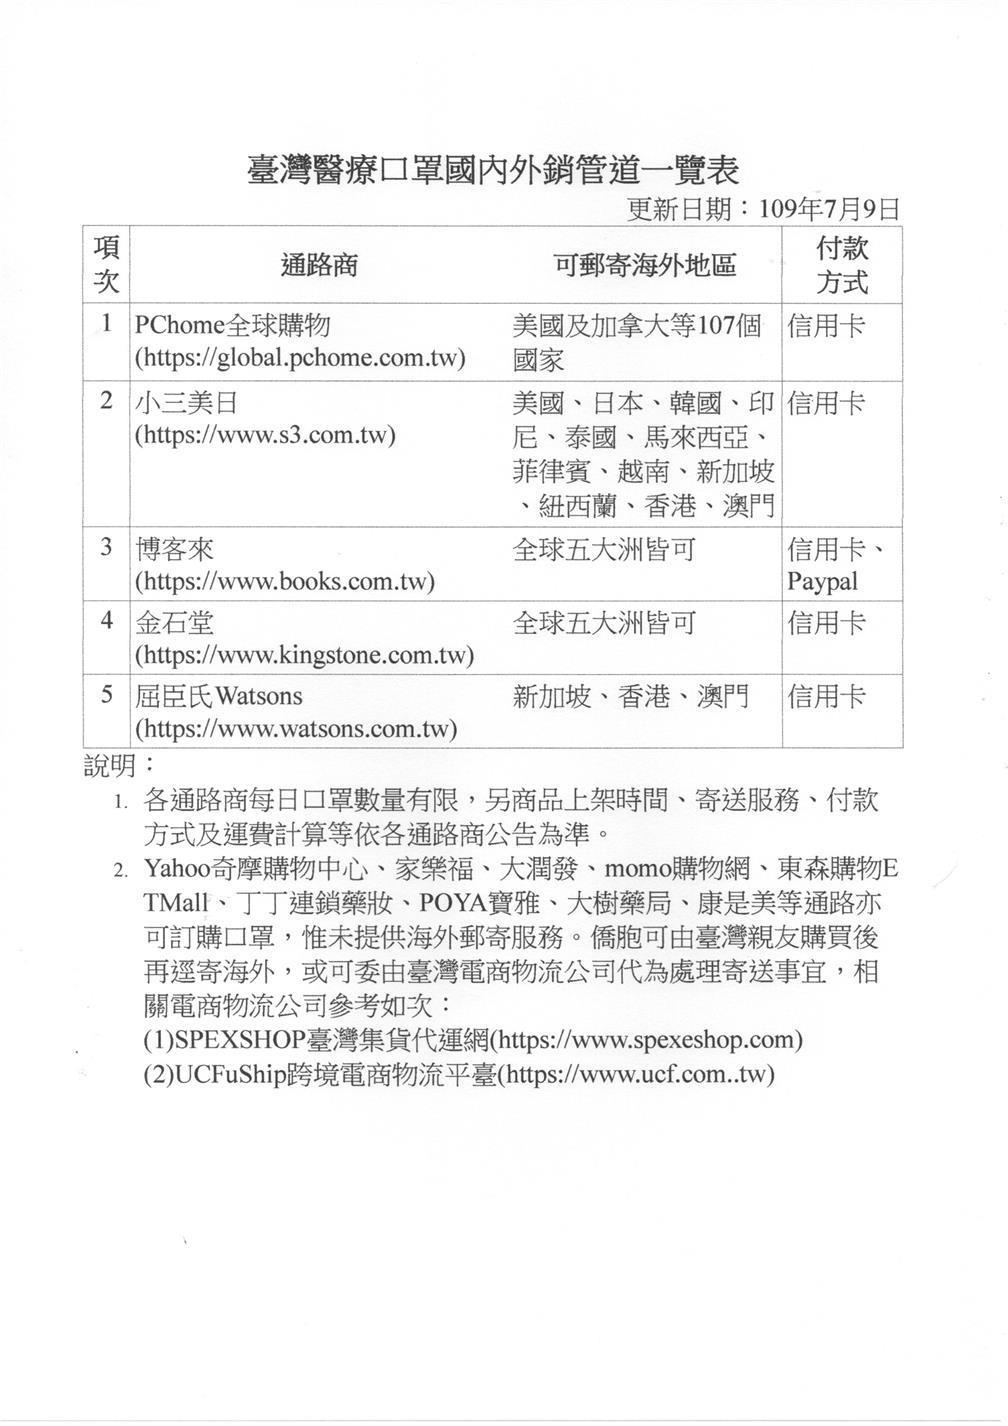 lista de canais de vendas nacionais e estrangeiras de máscaras médicas em Taiwan.jpg